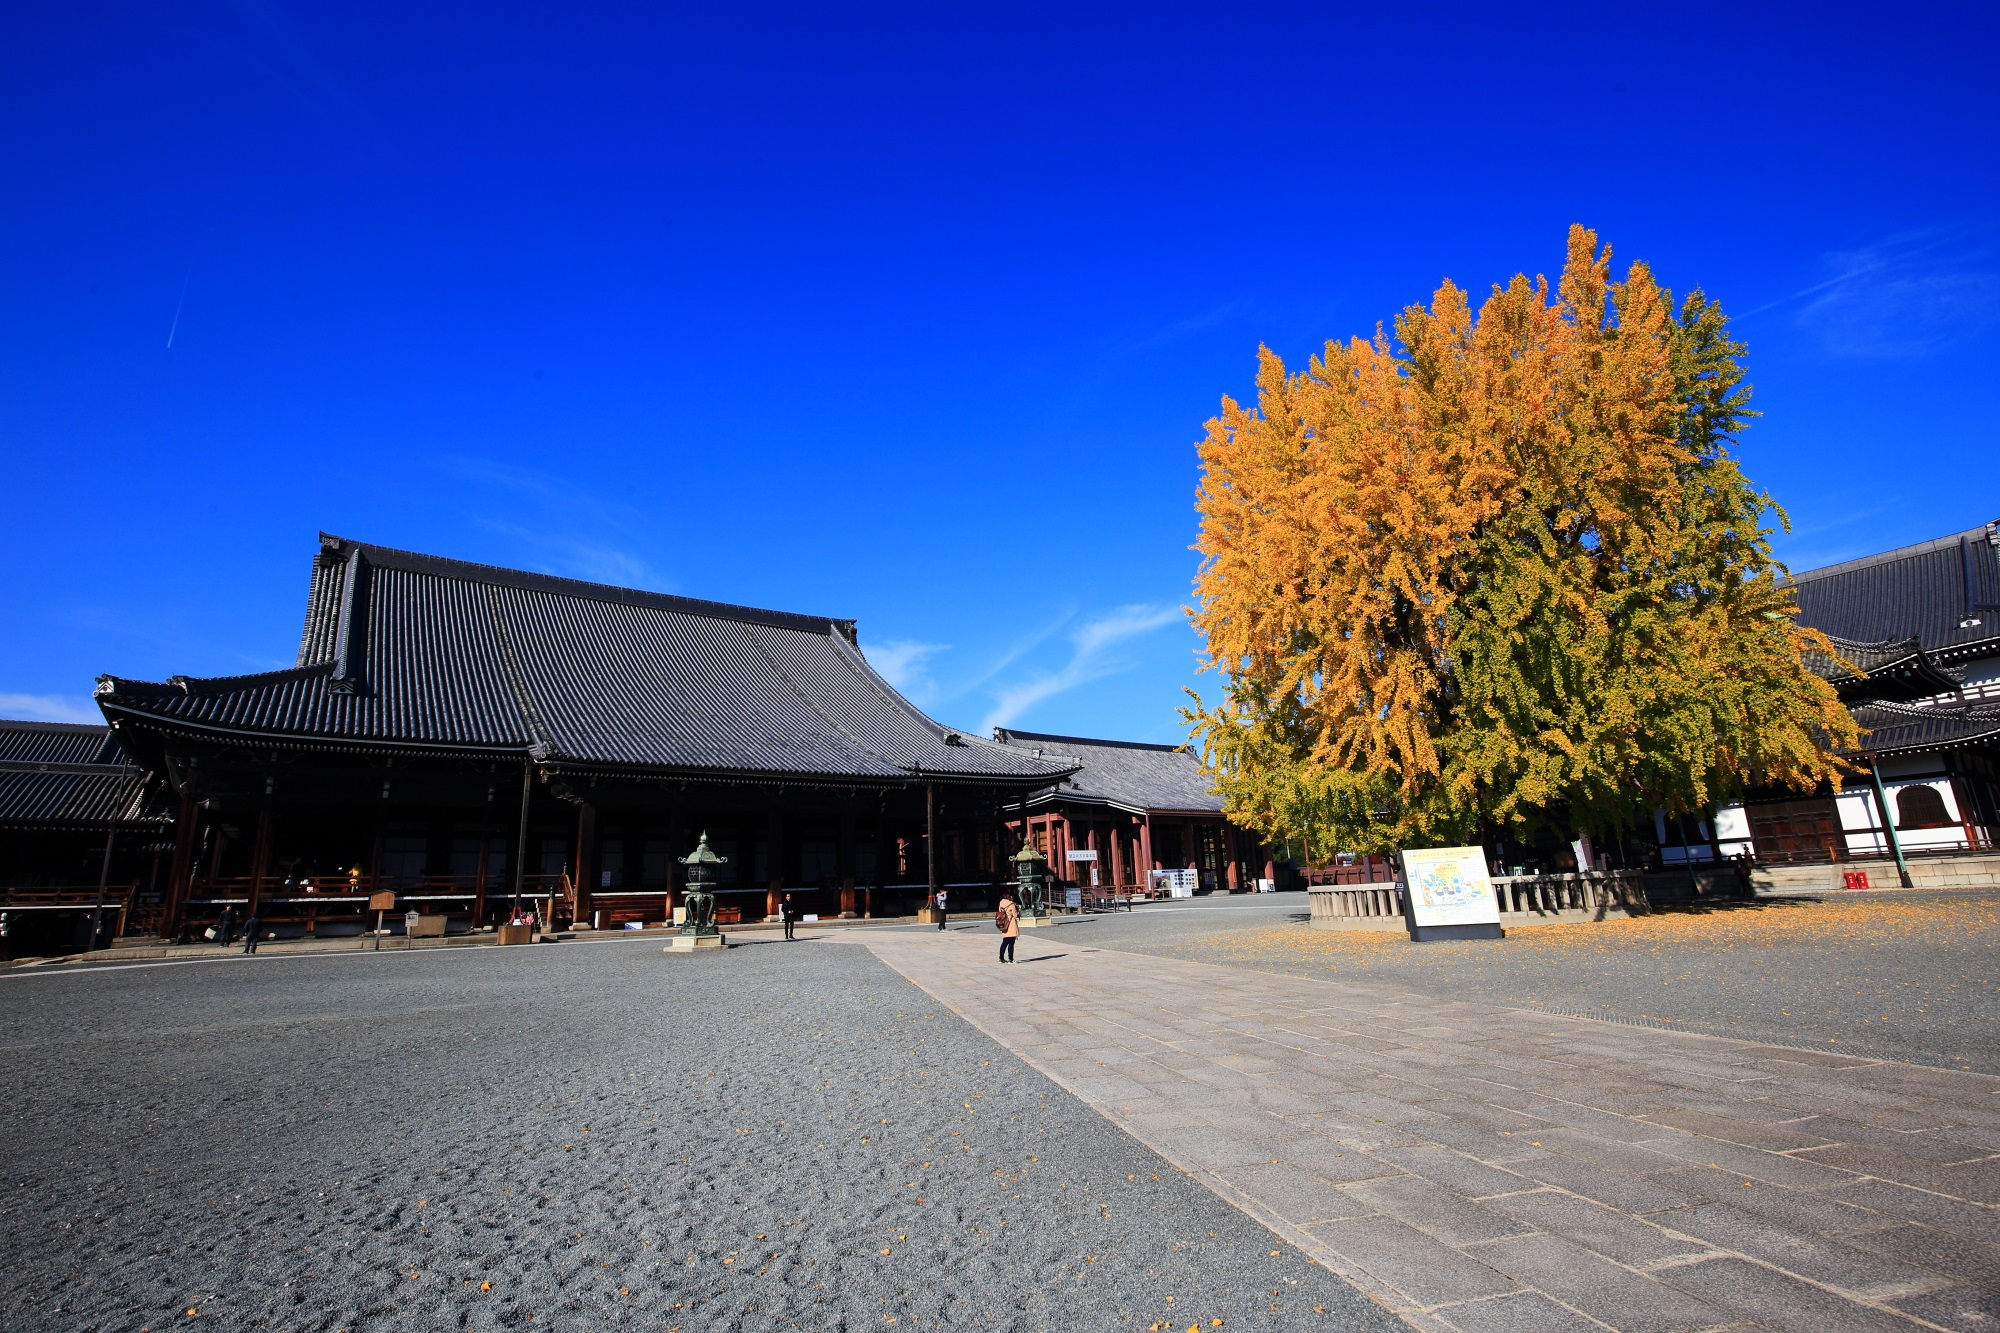 西本願寺の阿弥陀堂前の大銀杏の黄葉と青い空